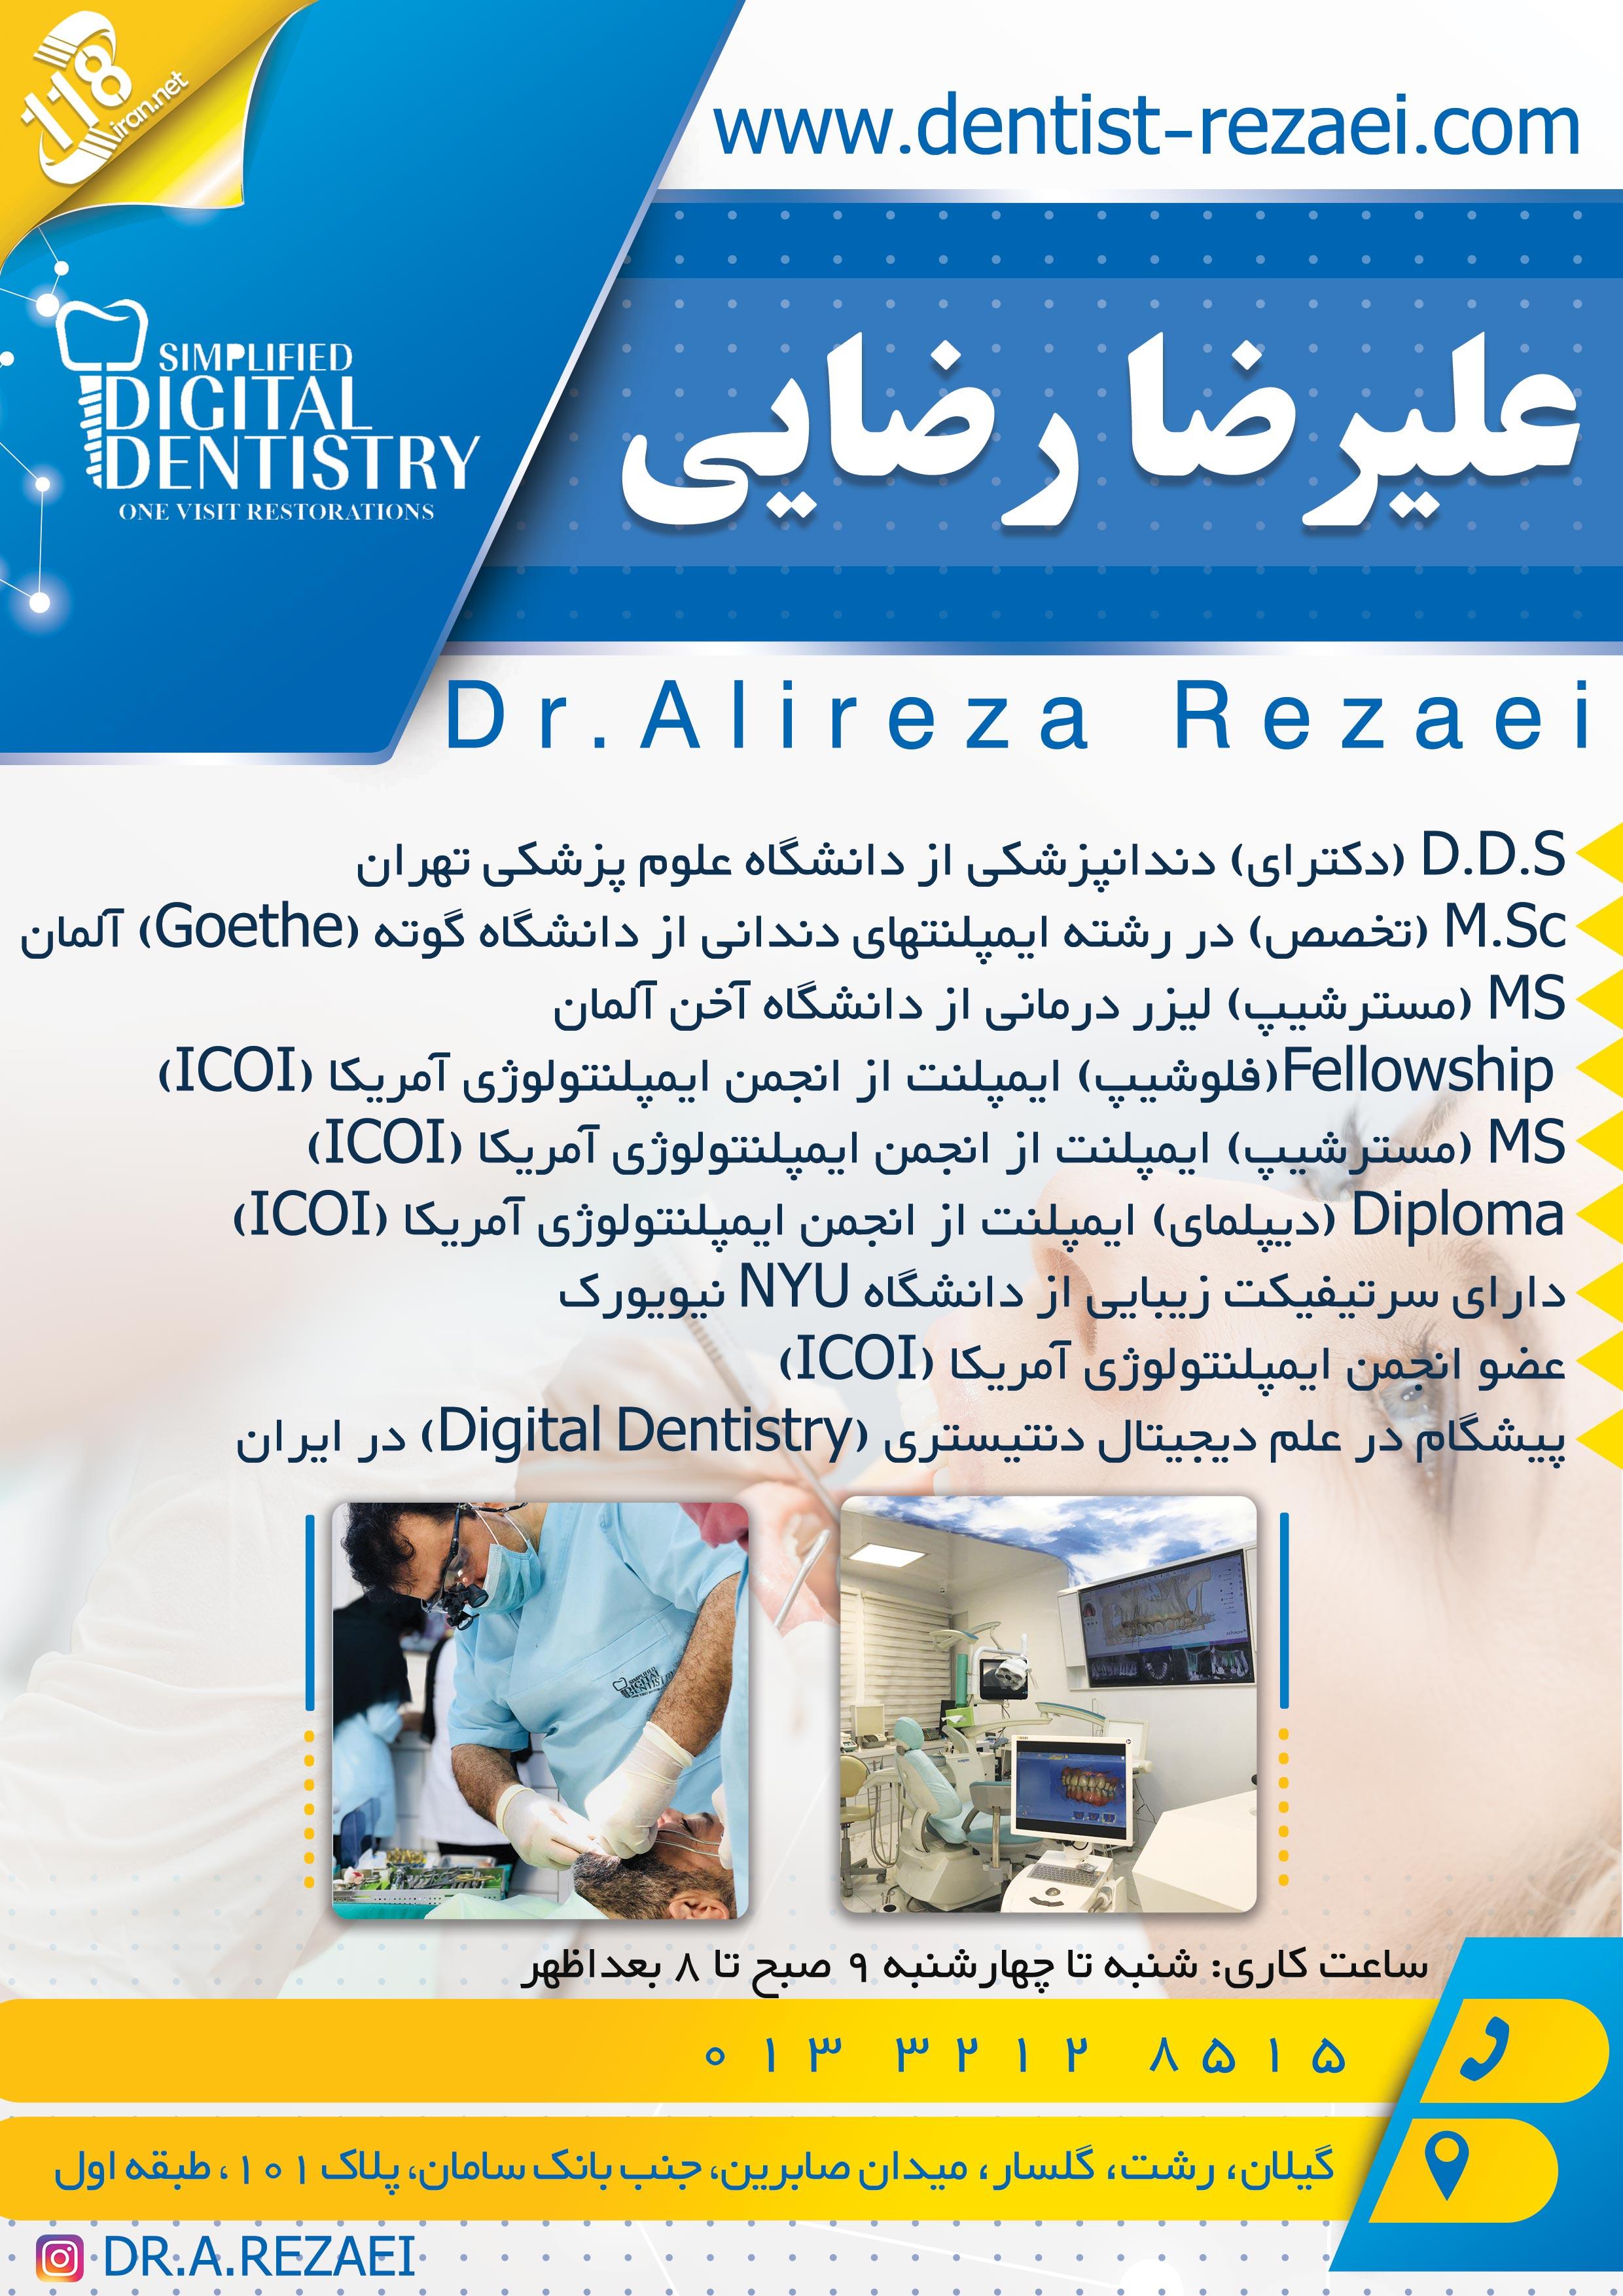 جراح دندانپزشک علیرضا رضایی